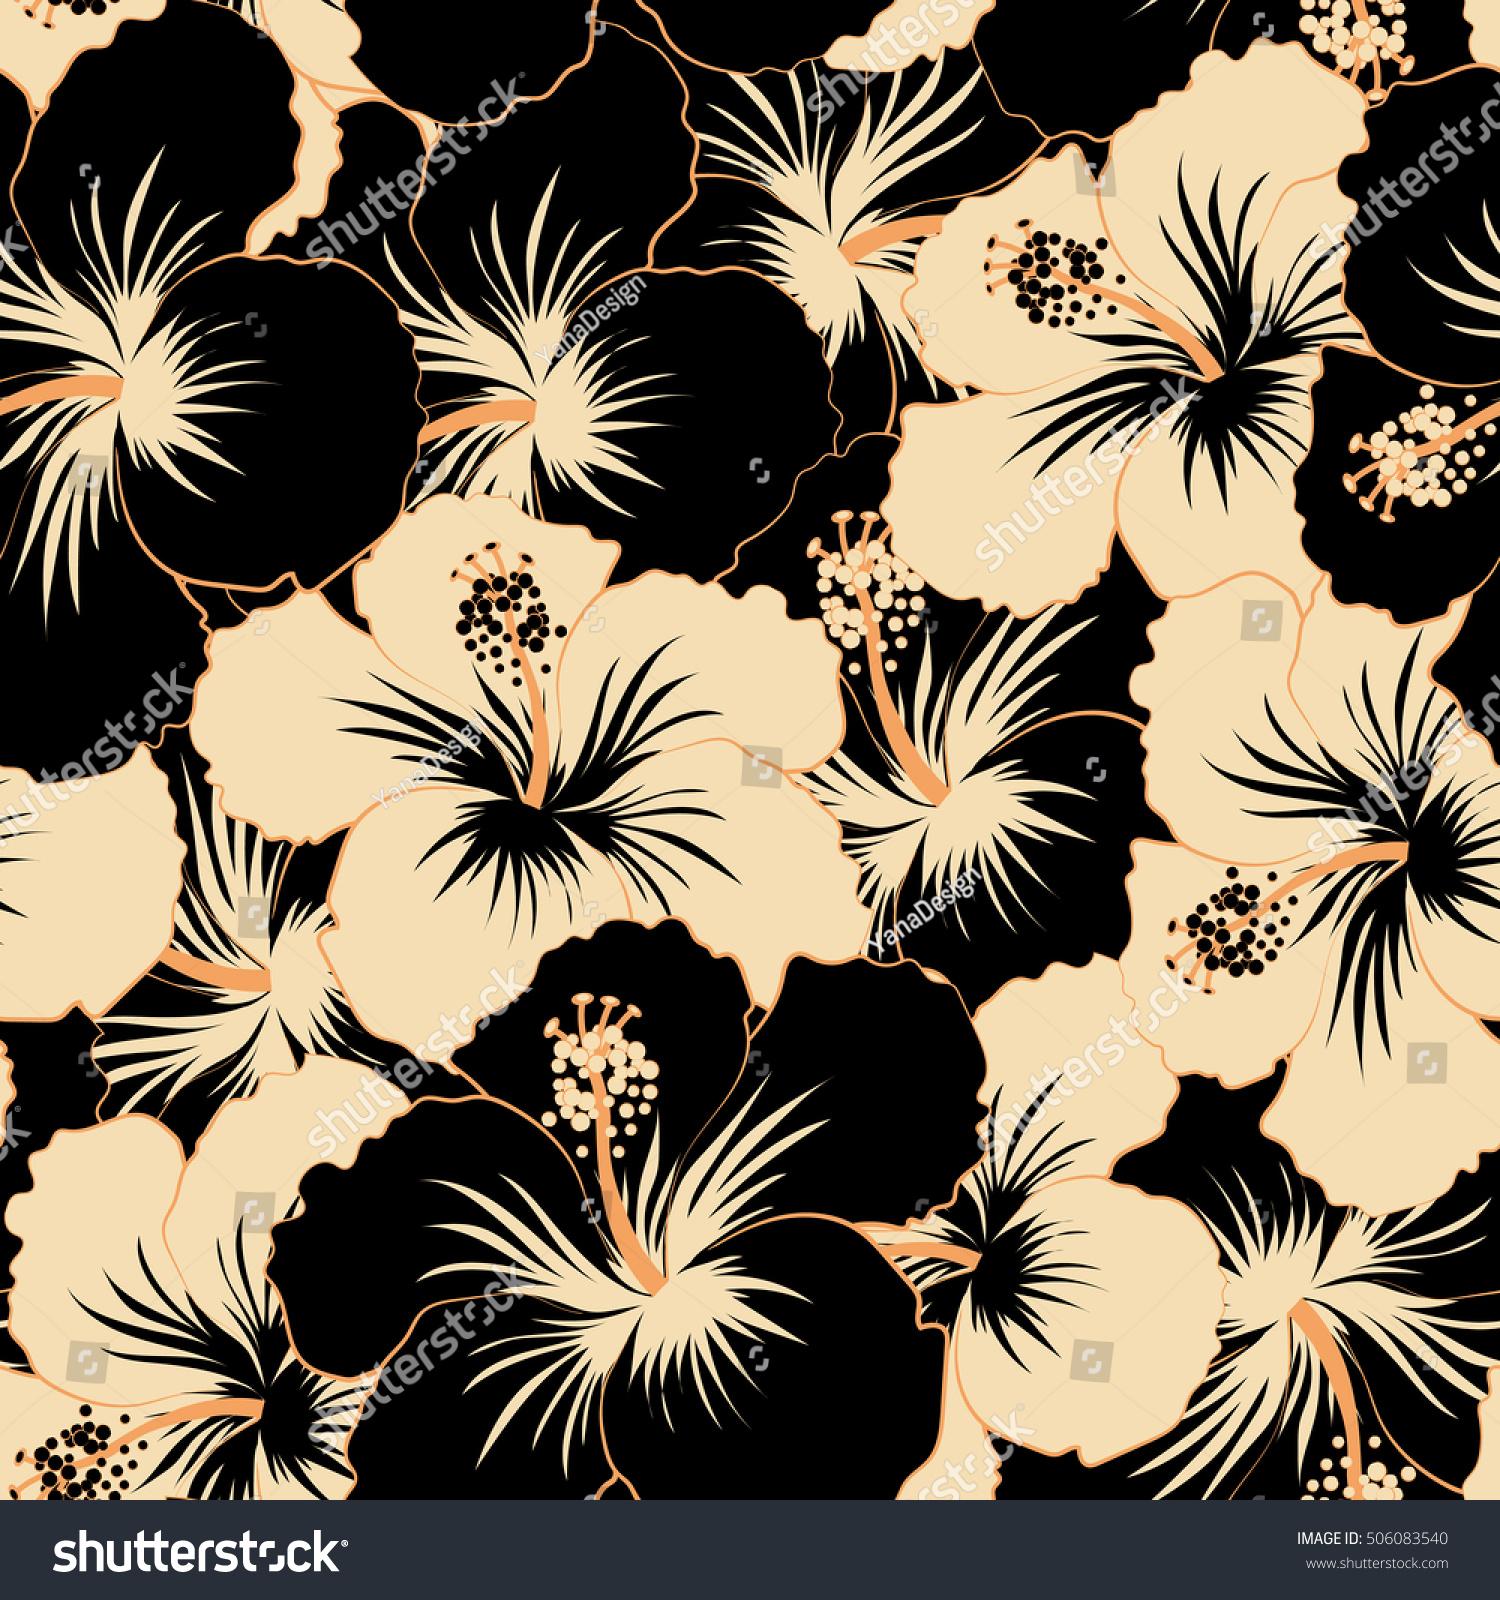 Beige black hibiscus flowers seamless pattern stock illustration beige and black hibiscus flowers seamless pattern izmirmasajfo